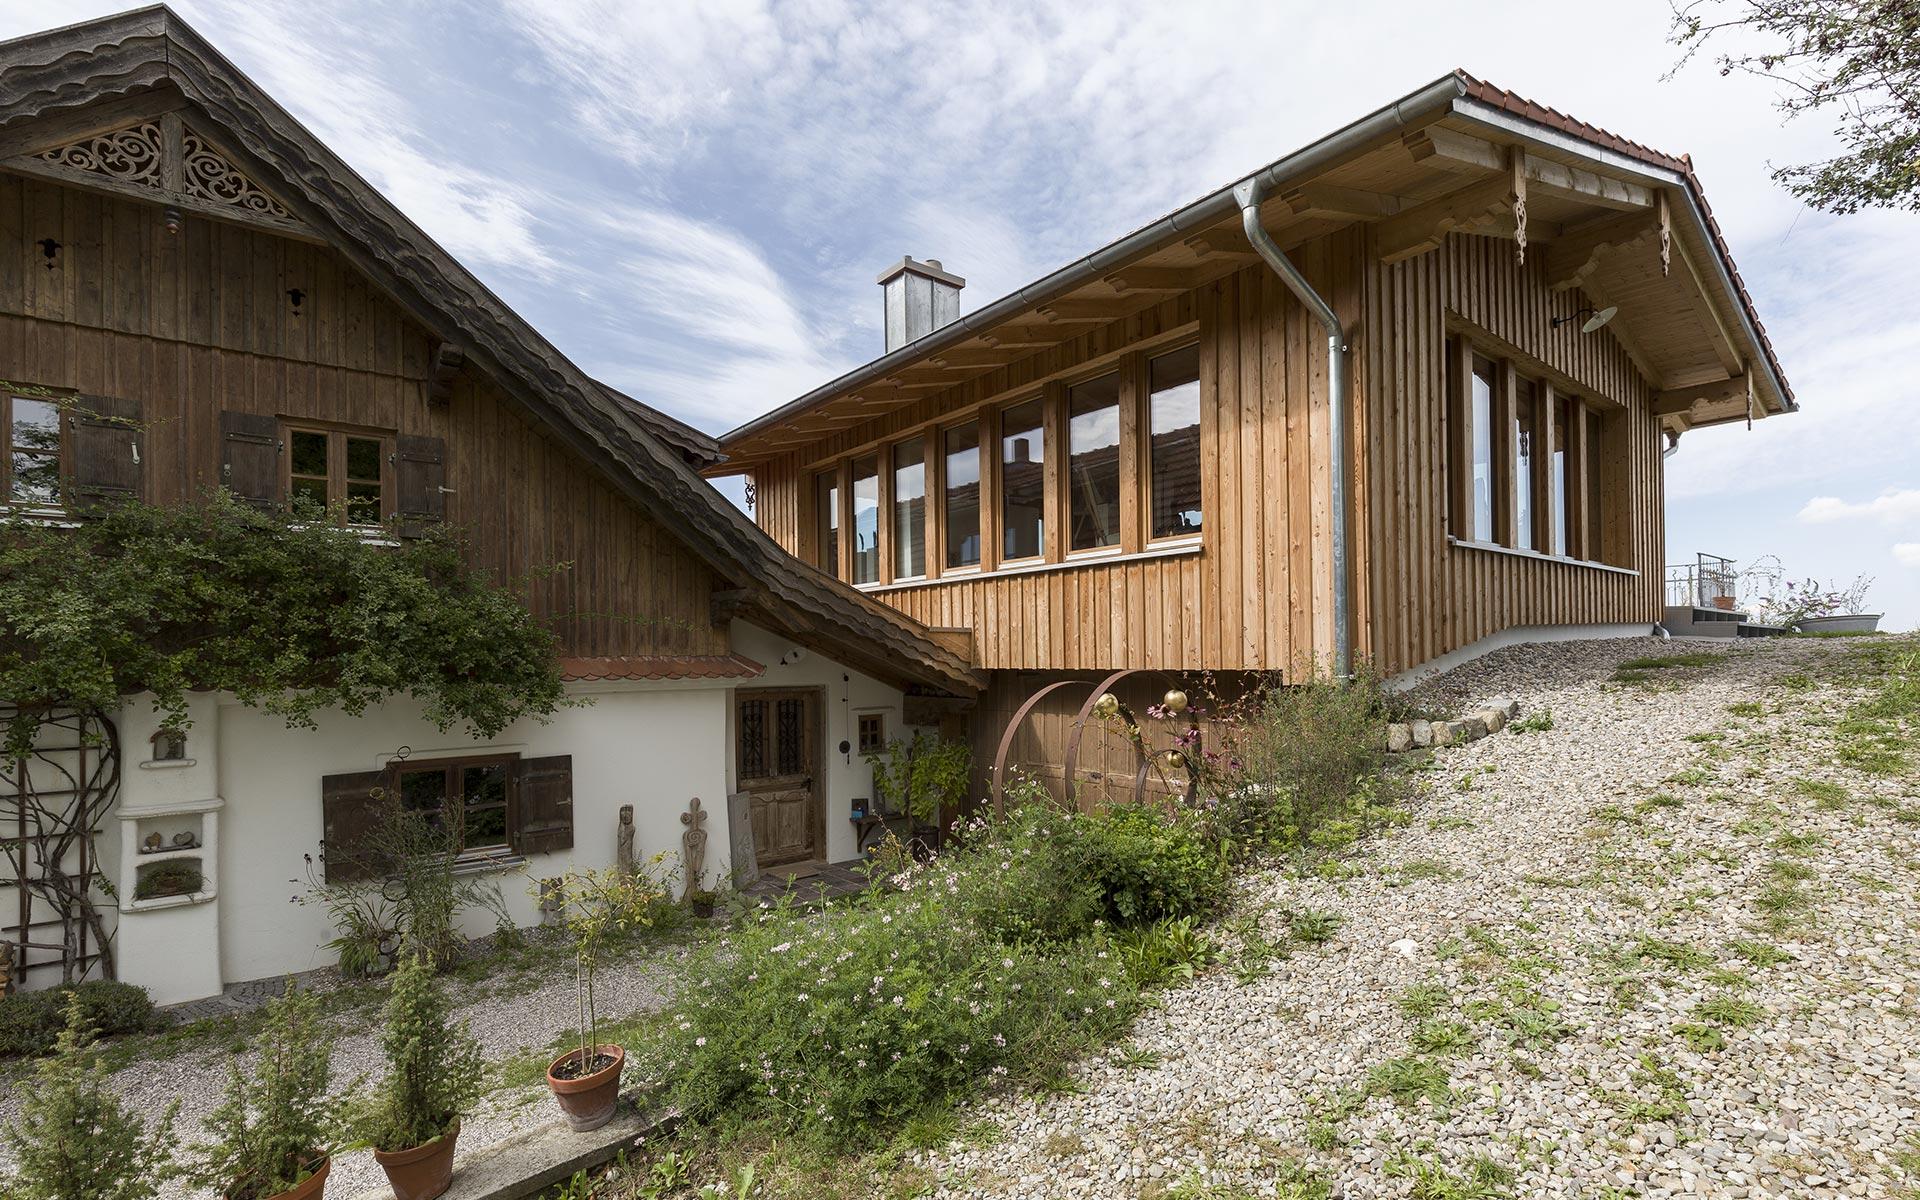 Alt trifft Neu: lichtdurchfluteter Anbau als Atelier und Galerie